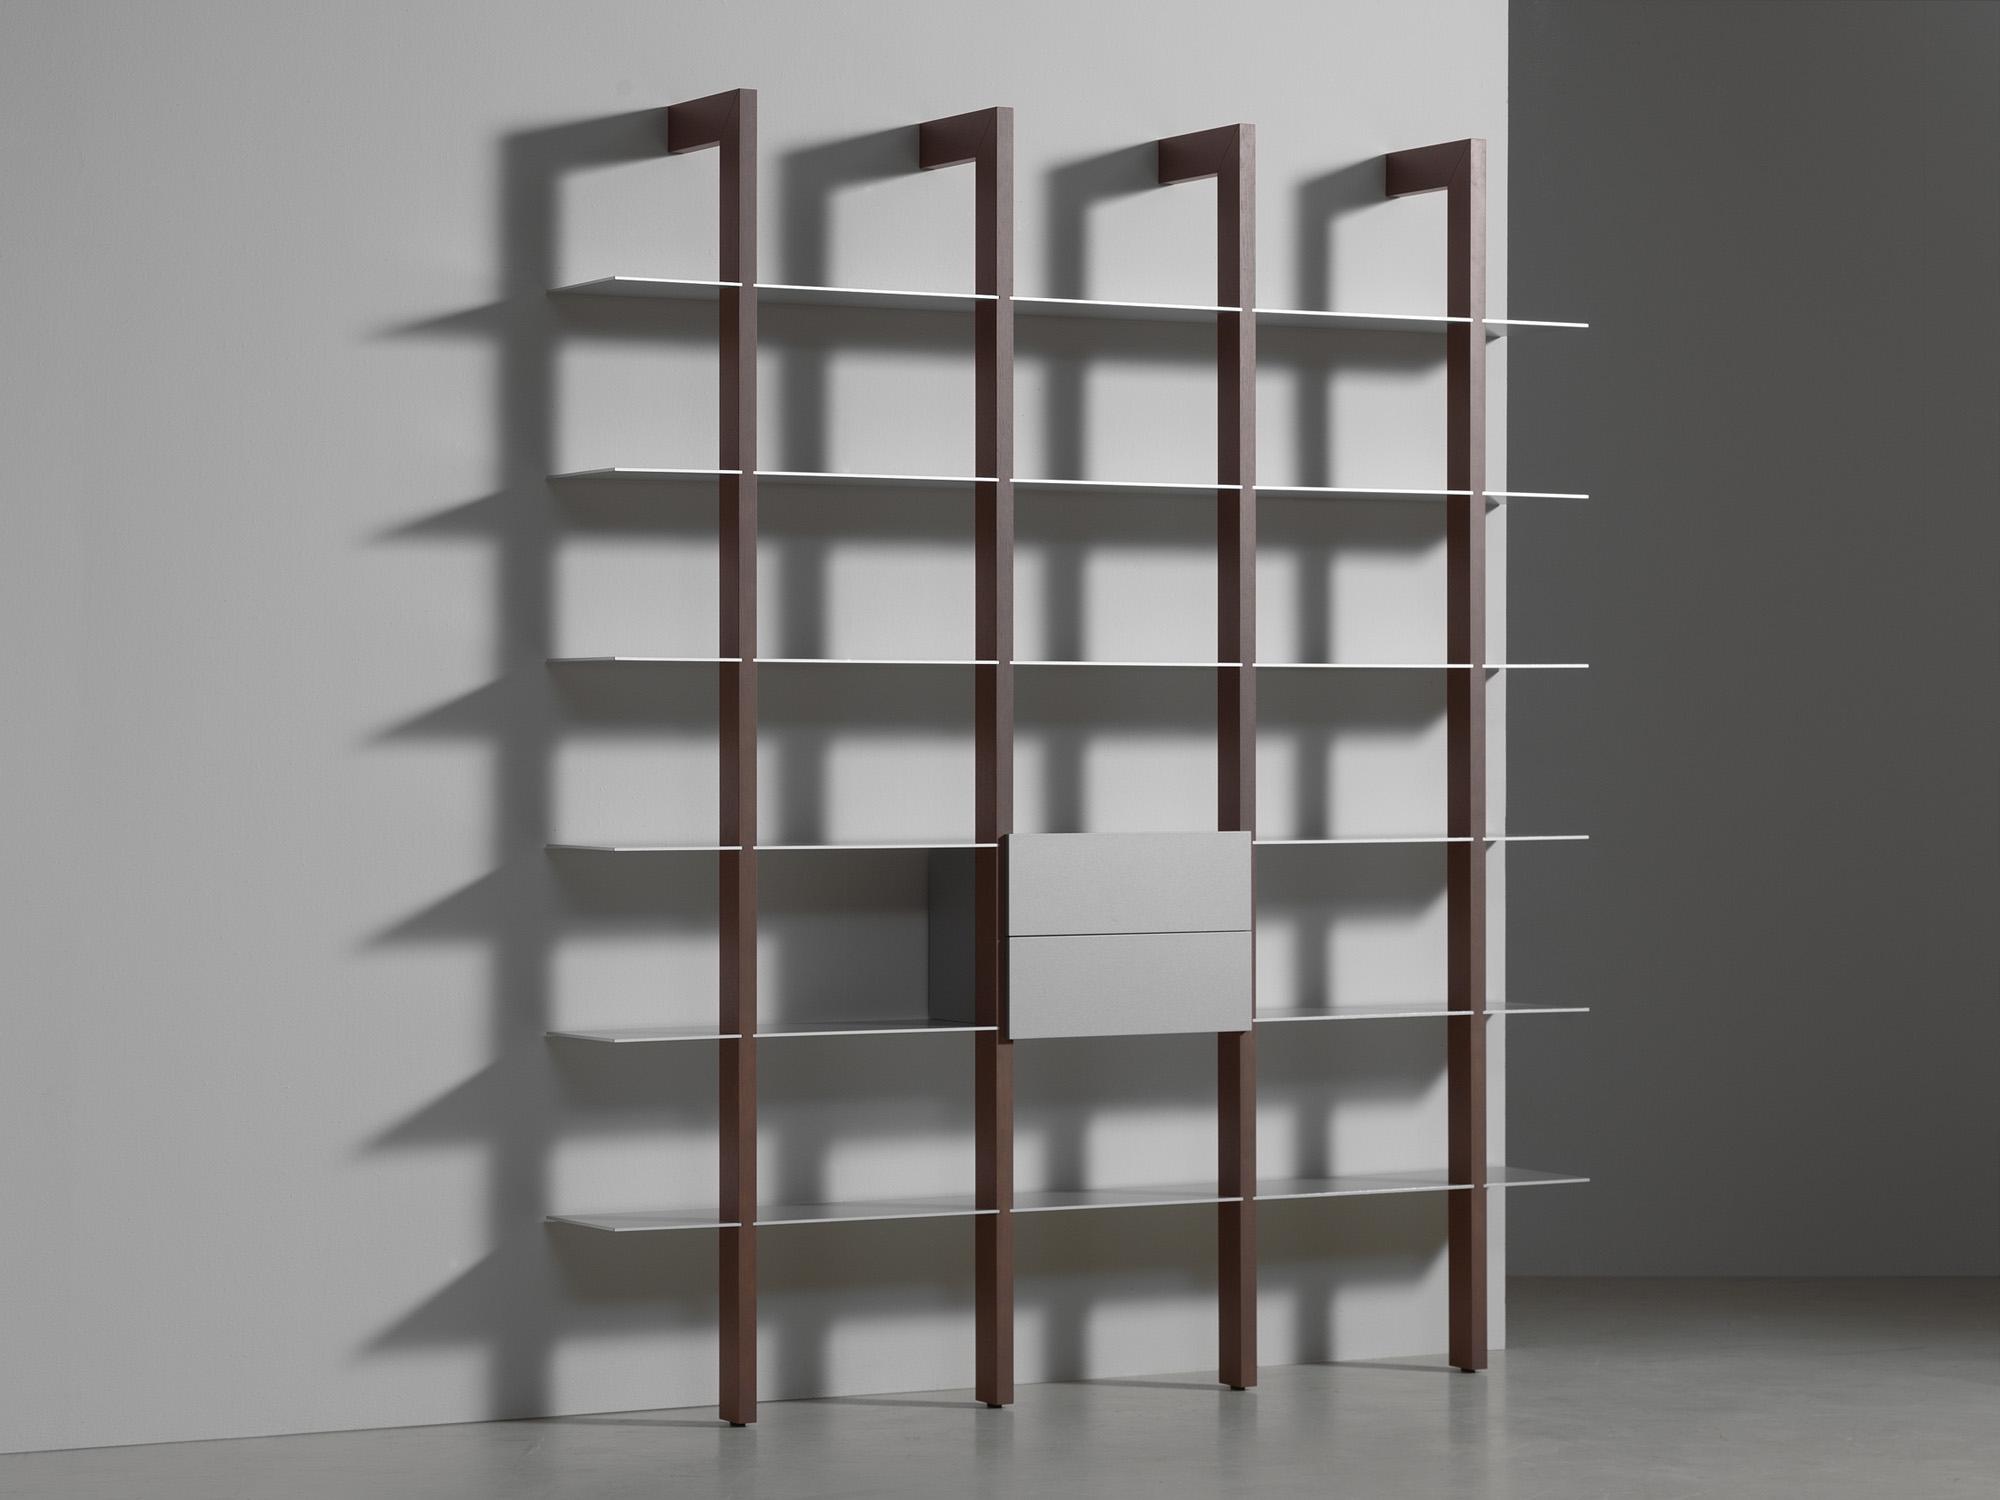 GROOVE-XS, ontwerp door Coen Castelijn